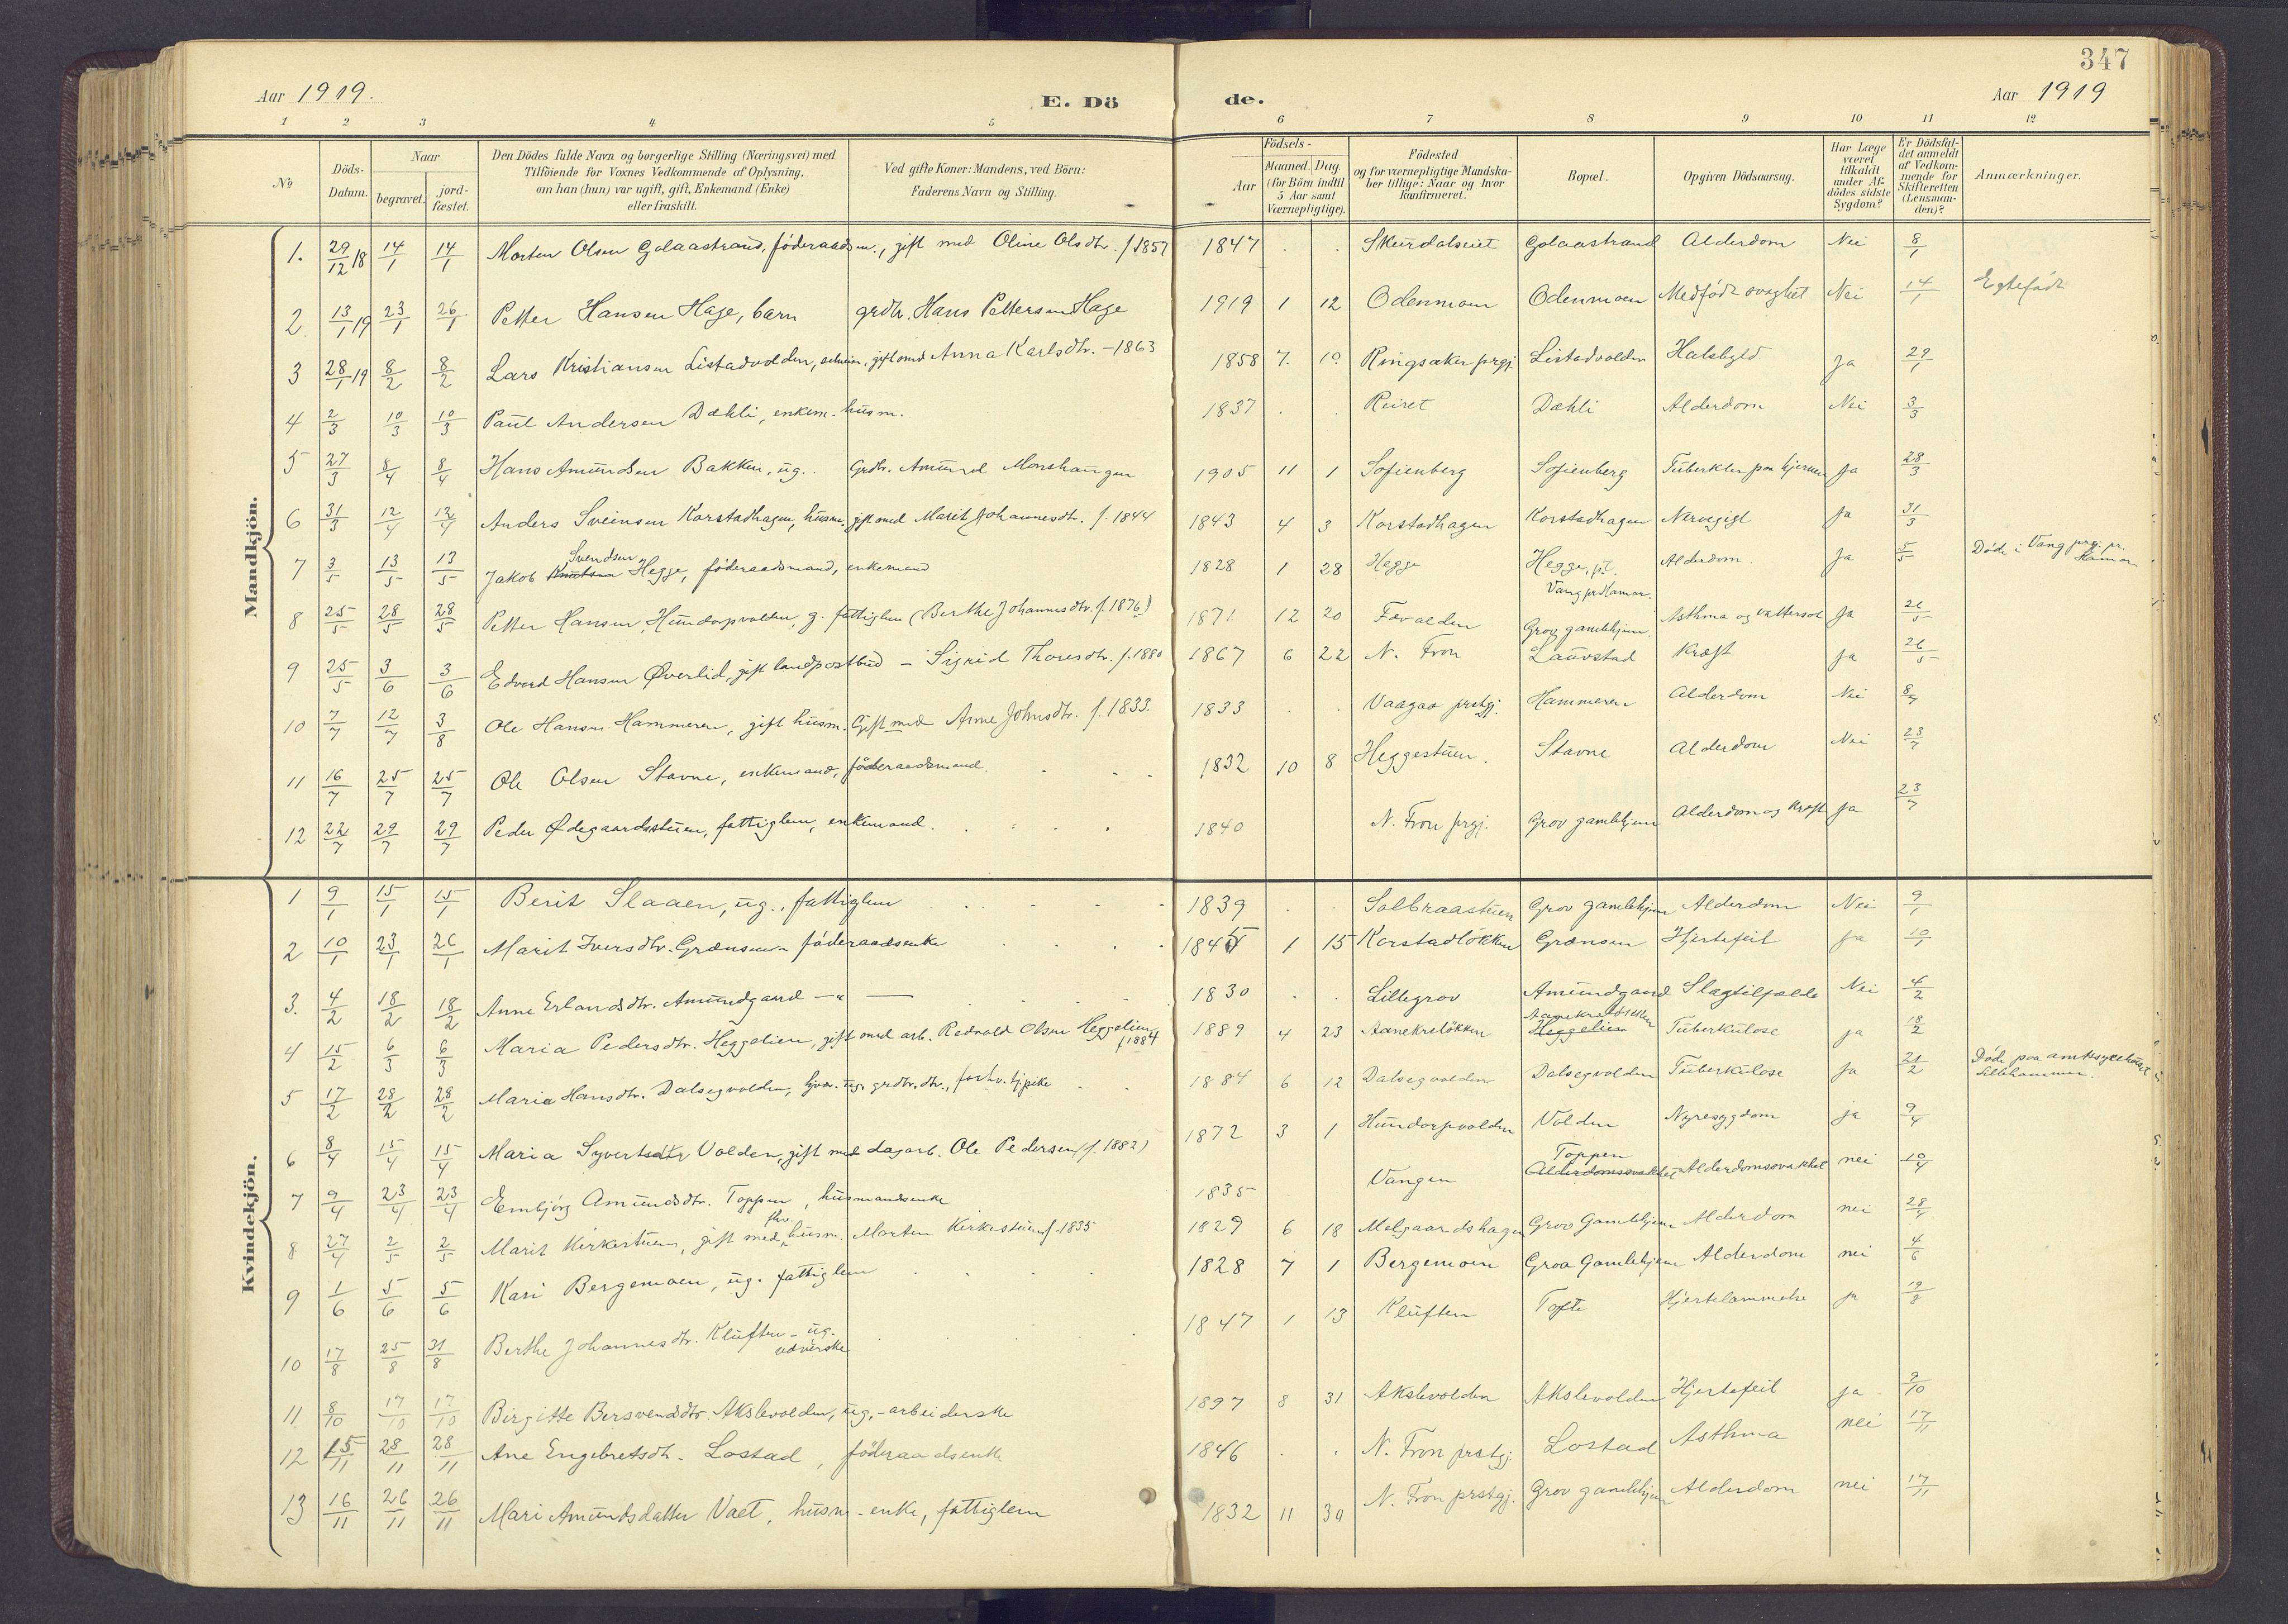 SAH, Sør-Fron prestekontor, H/Ha/Haa/L0004: Ministerialbok nr. 4, 1898-1919, s. 347